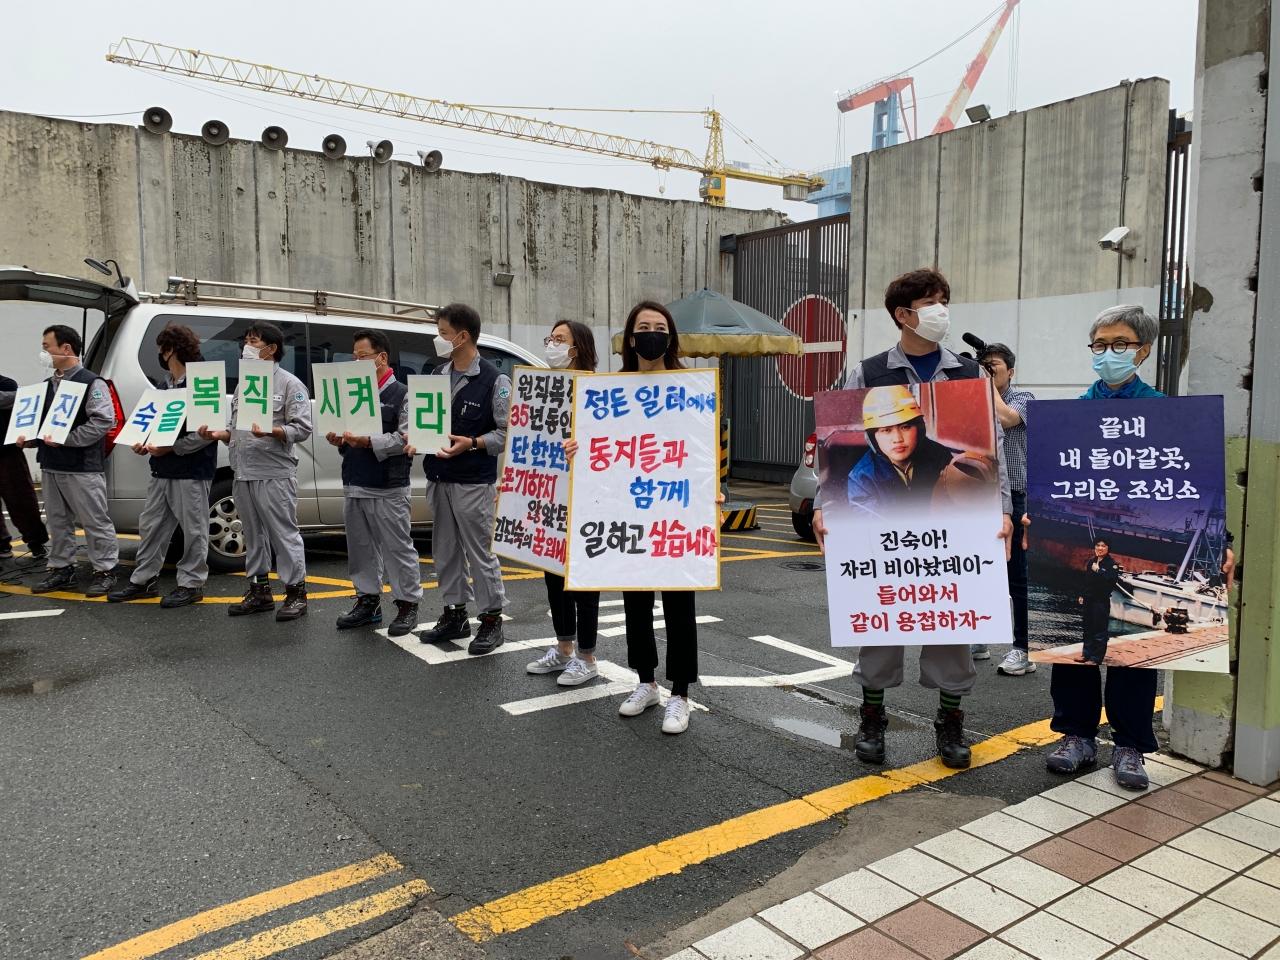 지난 6월 25일 김진숙 복직을 위한 첫 출근투쟁 사진